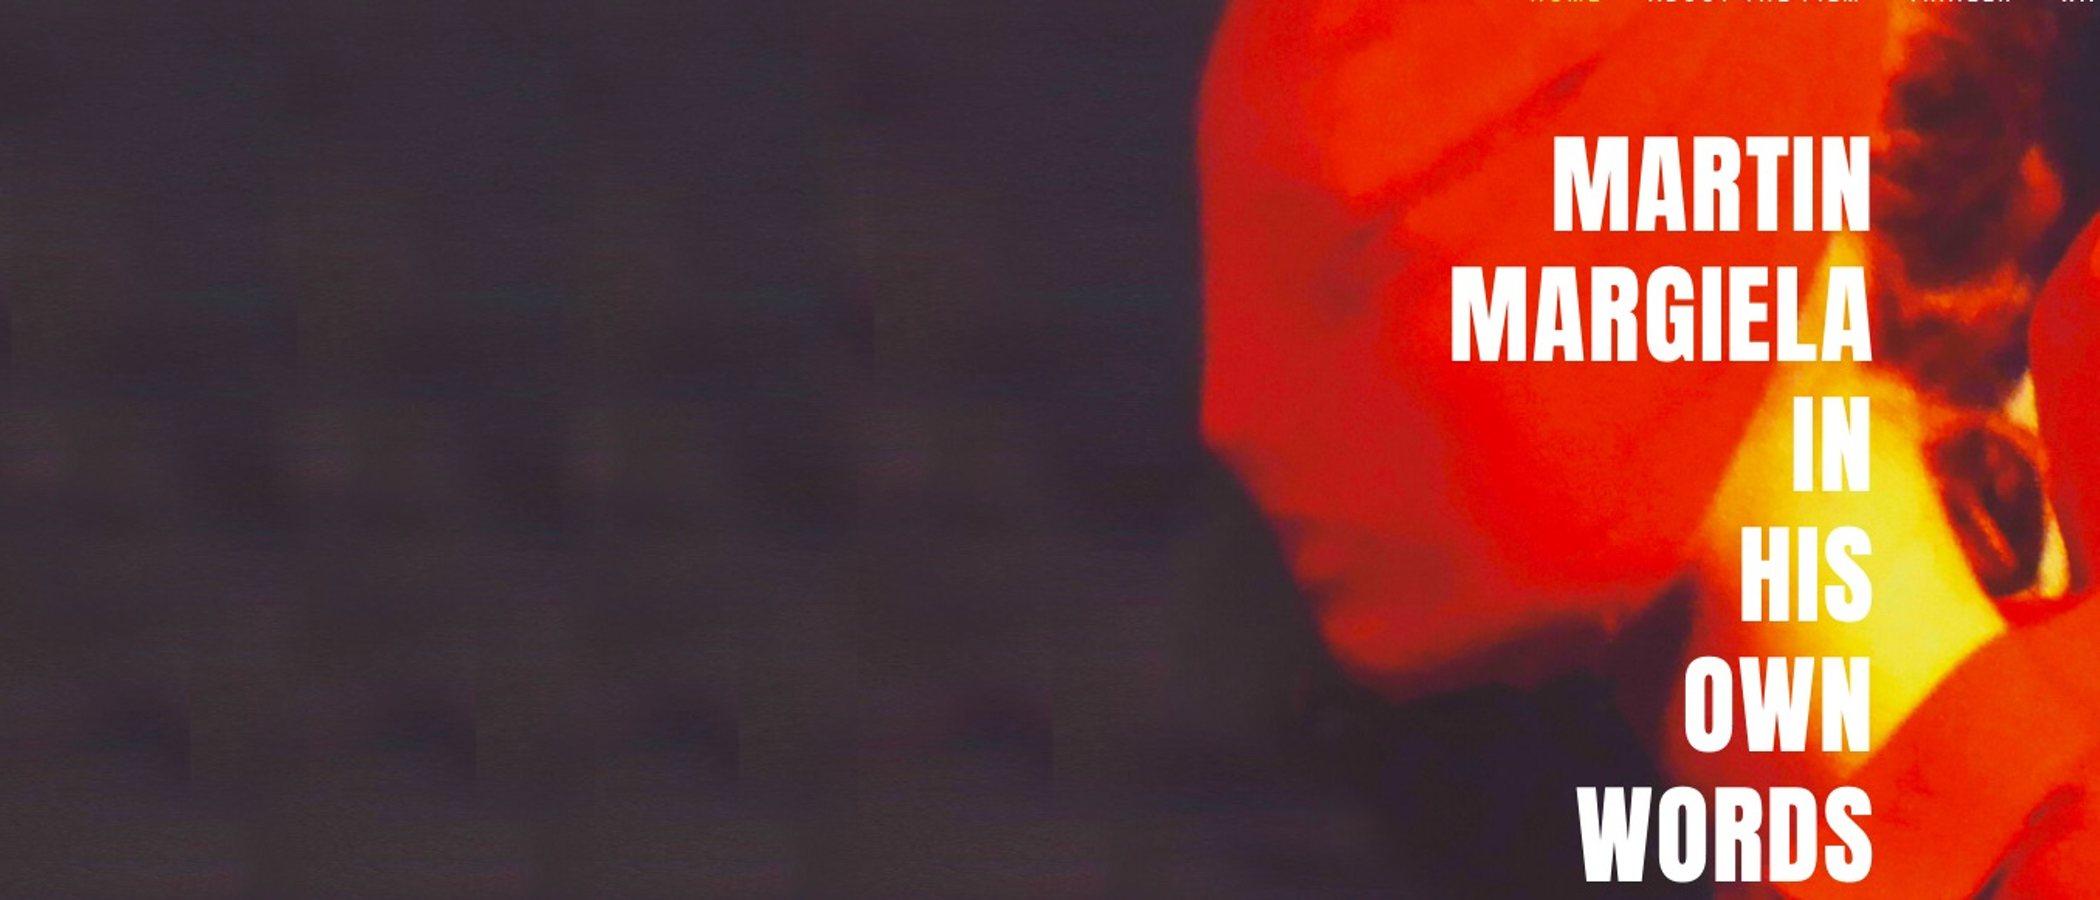 'Martin Margiela: en sus propias palabras' se filtra en Pornhub antes de su estreno